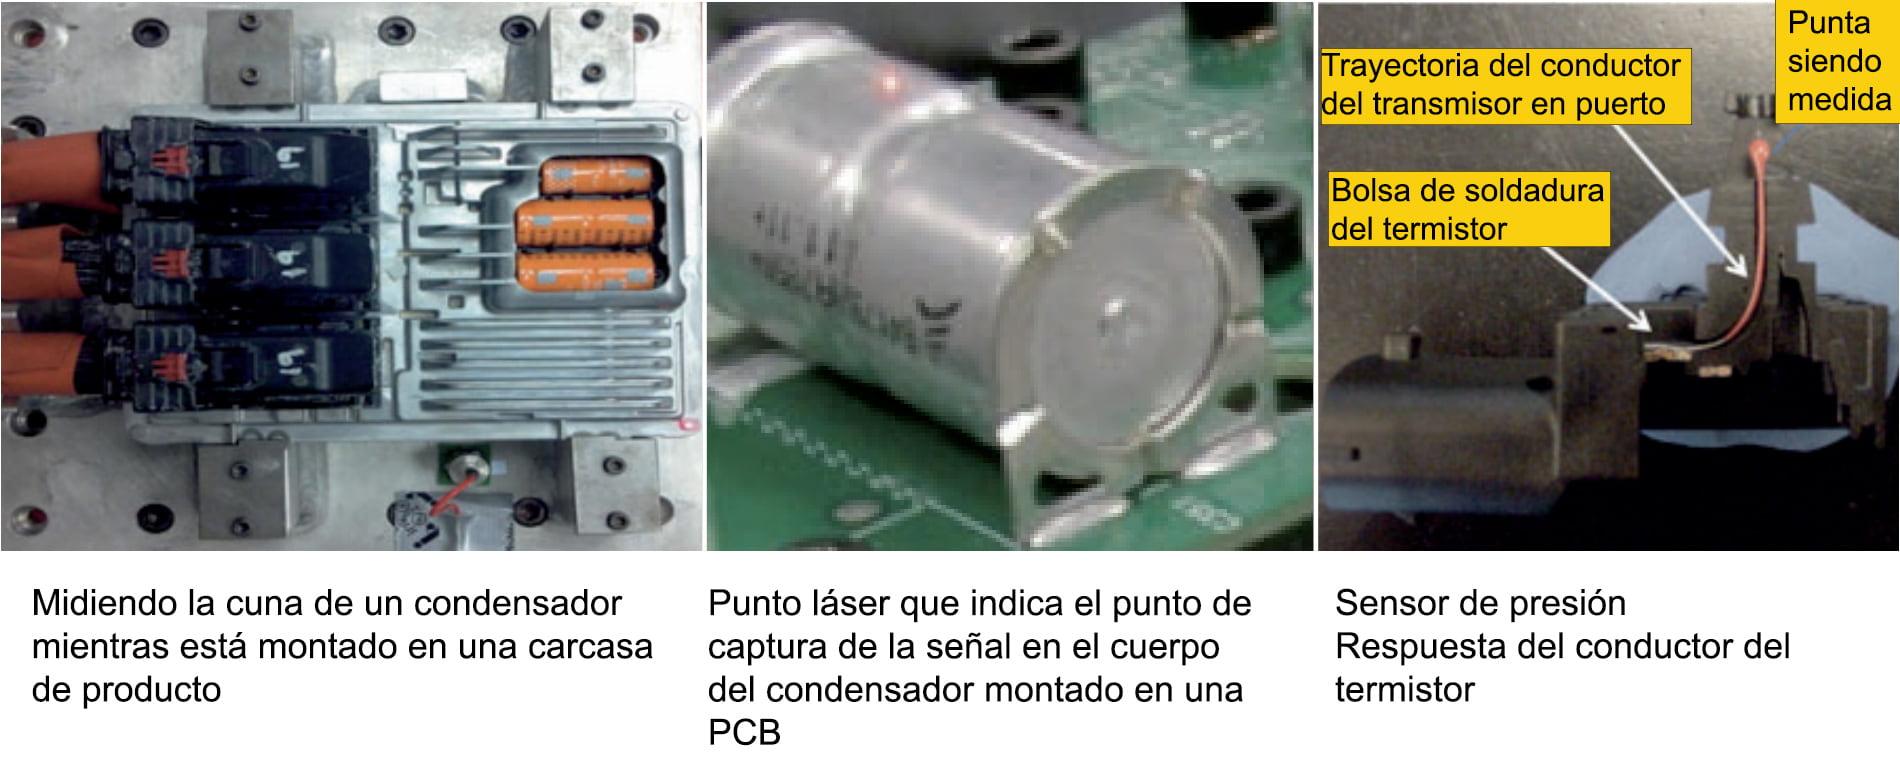 mediciones condensador-min-min